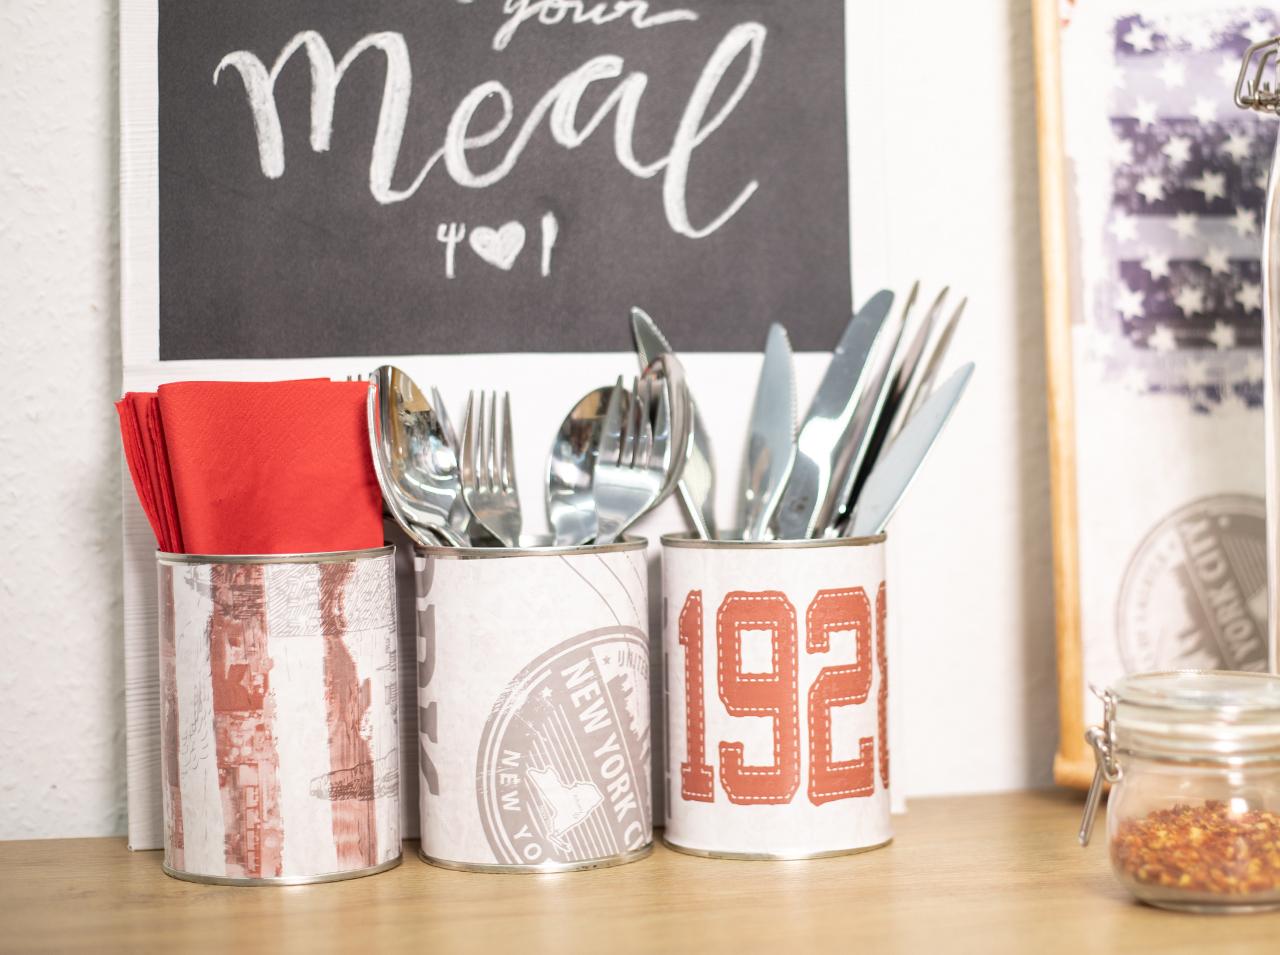 Comment Décorer Des Boites De Conserve d-c-home | l'upcycling, la nouvelle tendance décoration